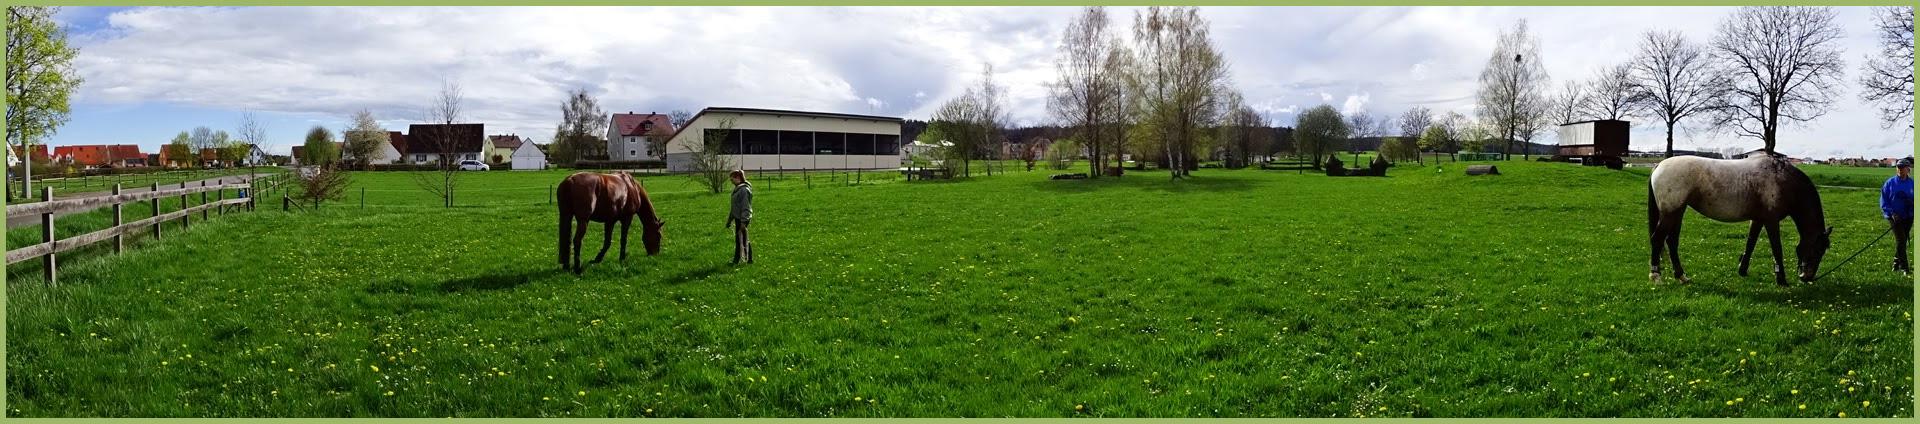 Postsportverein Nürnberg im Juni 2016